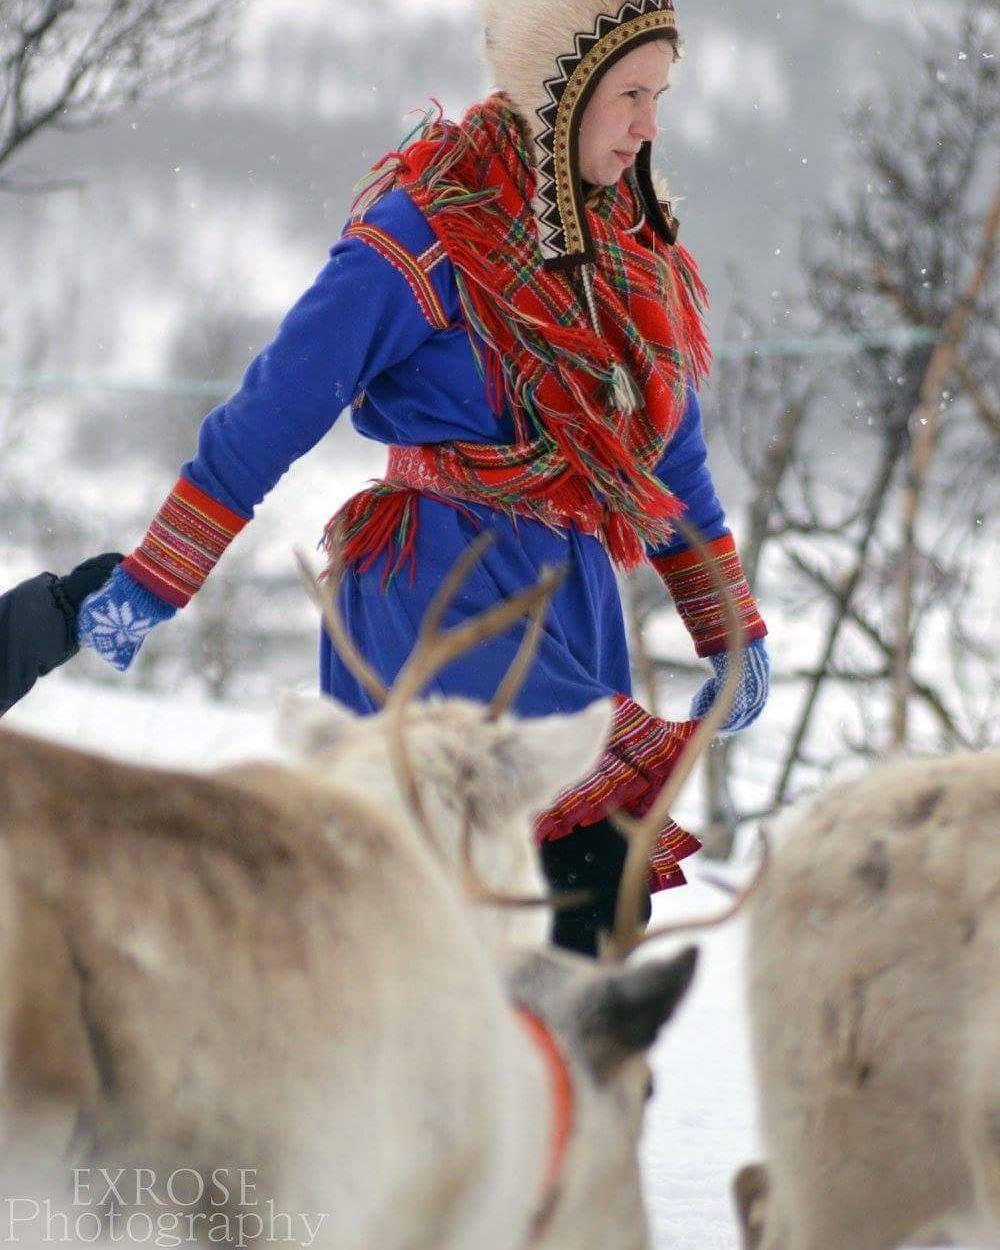 Amazing Sami People In Tromso Norway Norway Tromso Sami Reindeer Scandinavia Norwegian Tromso Safari Tromsoarcticr Norway People Tromso Tromso Norway